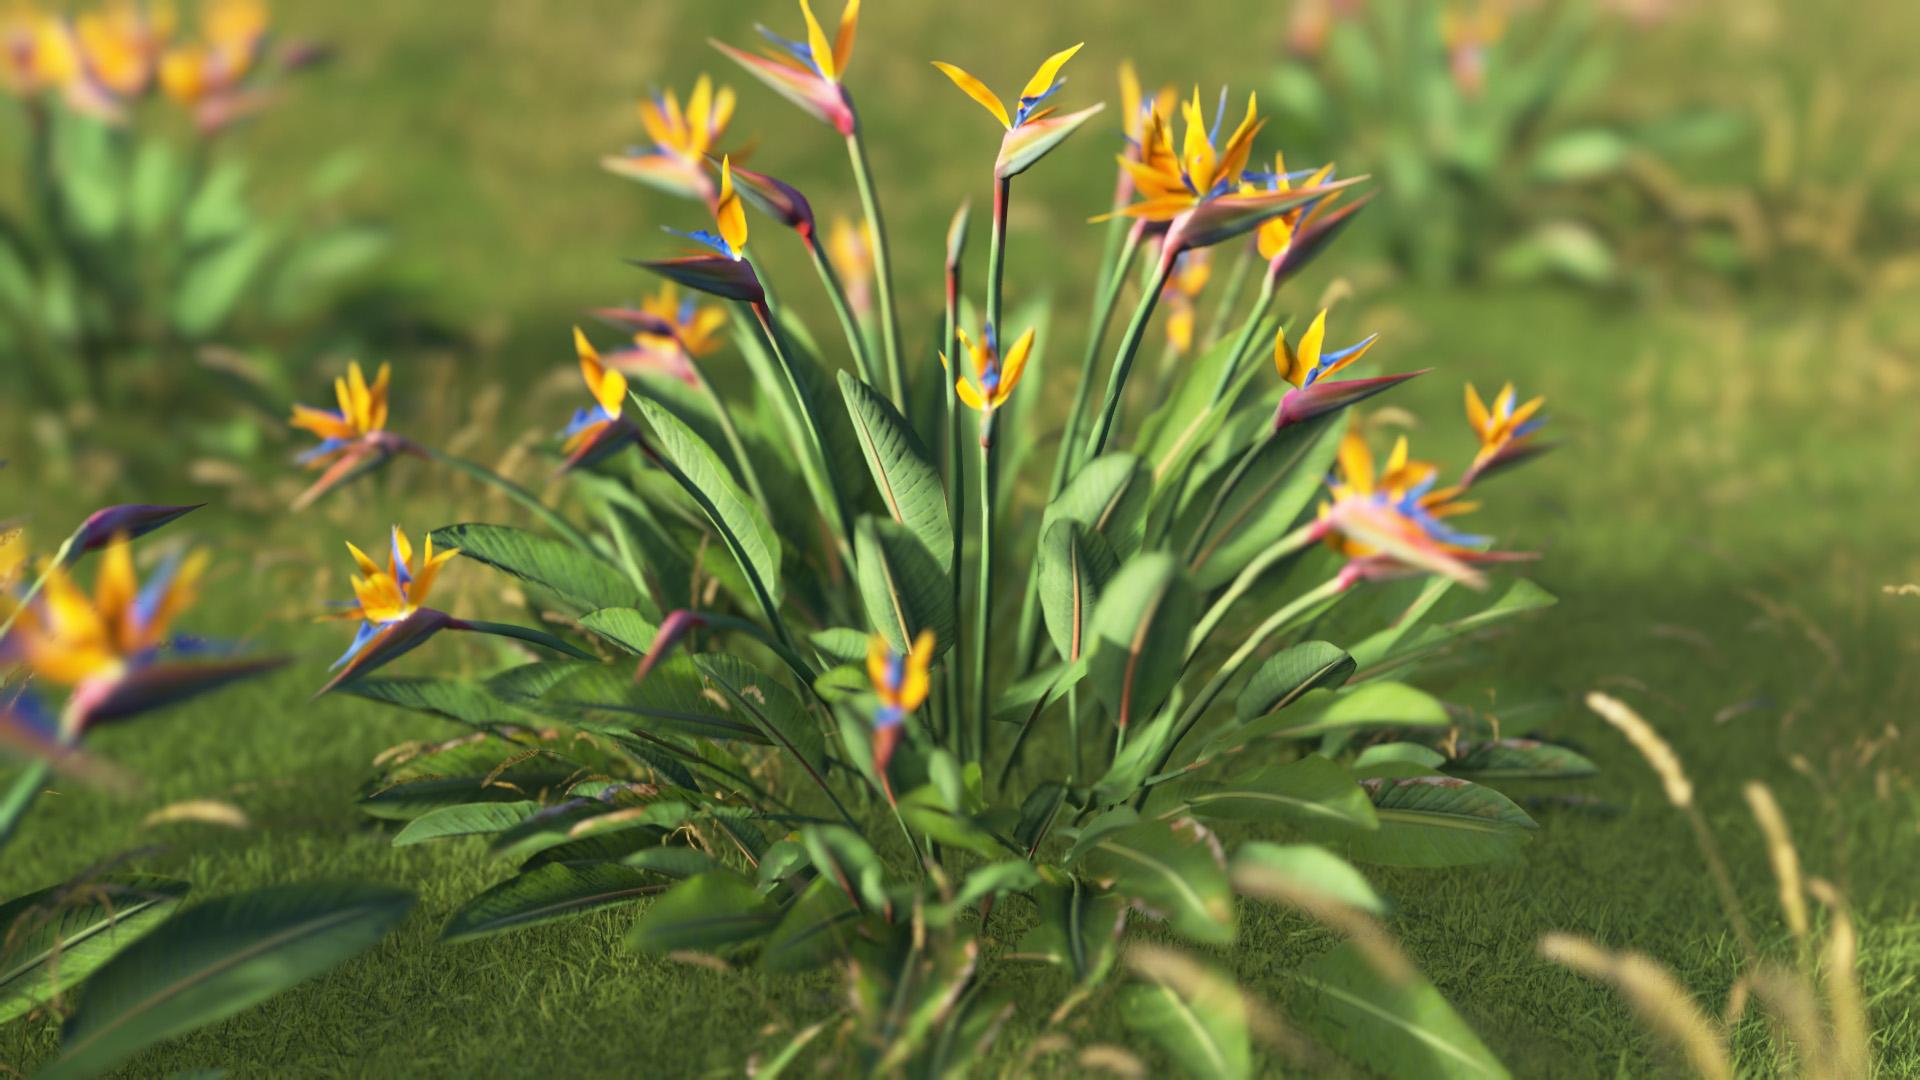 3D model of the Bird of paradise Strelitzia reginae close-up